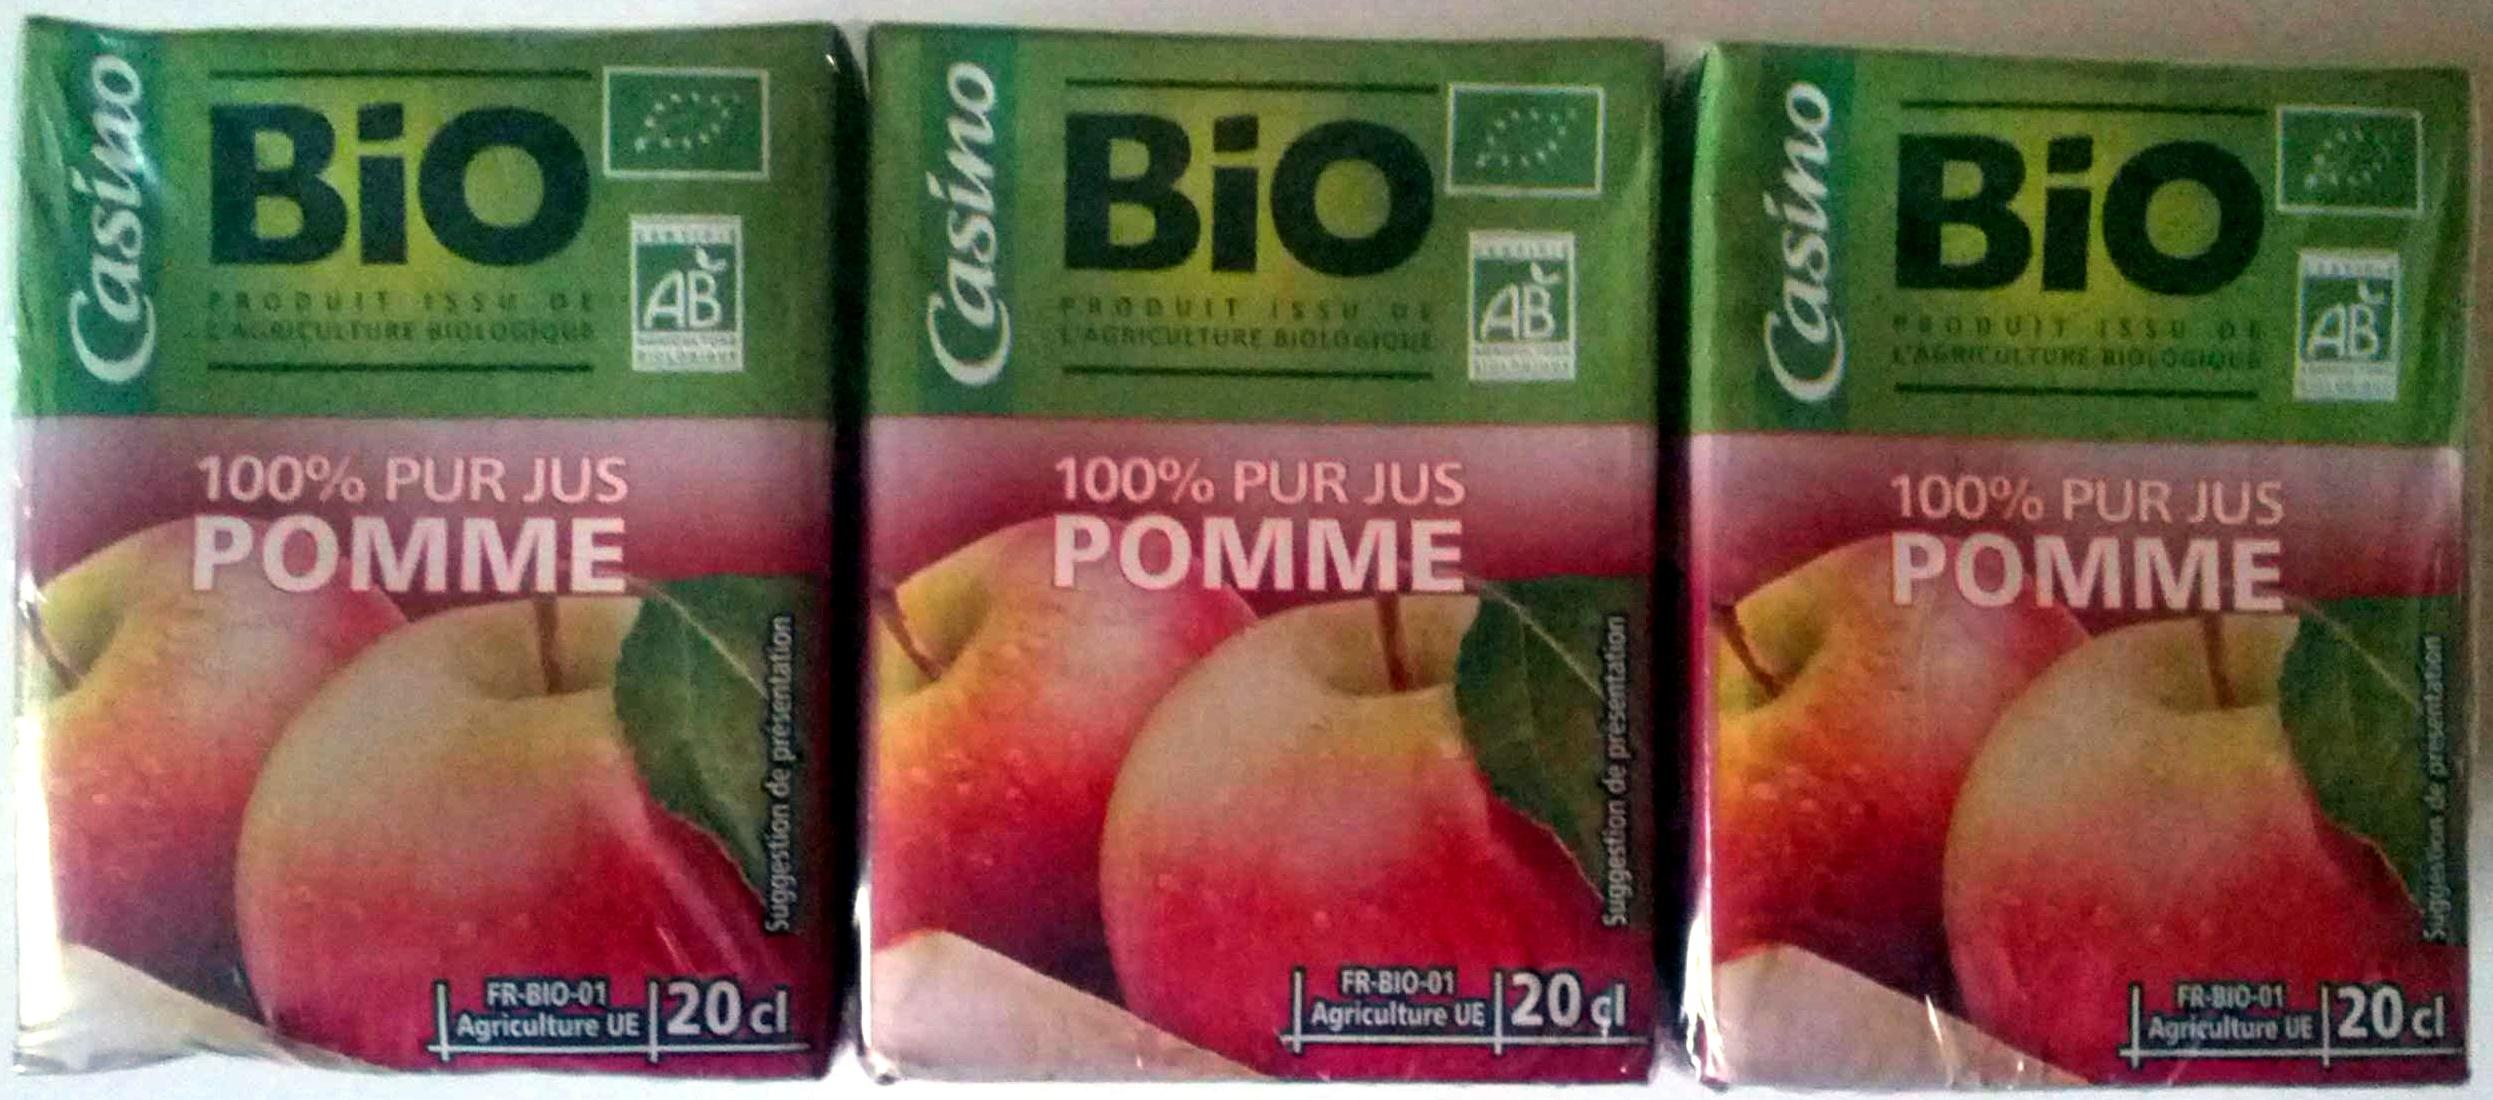 100% pur jus de pomme - Produit - fr